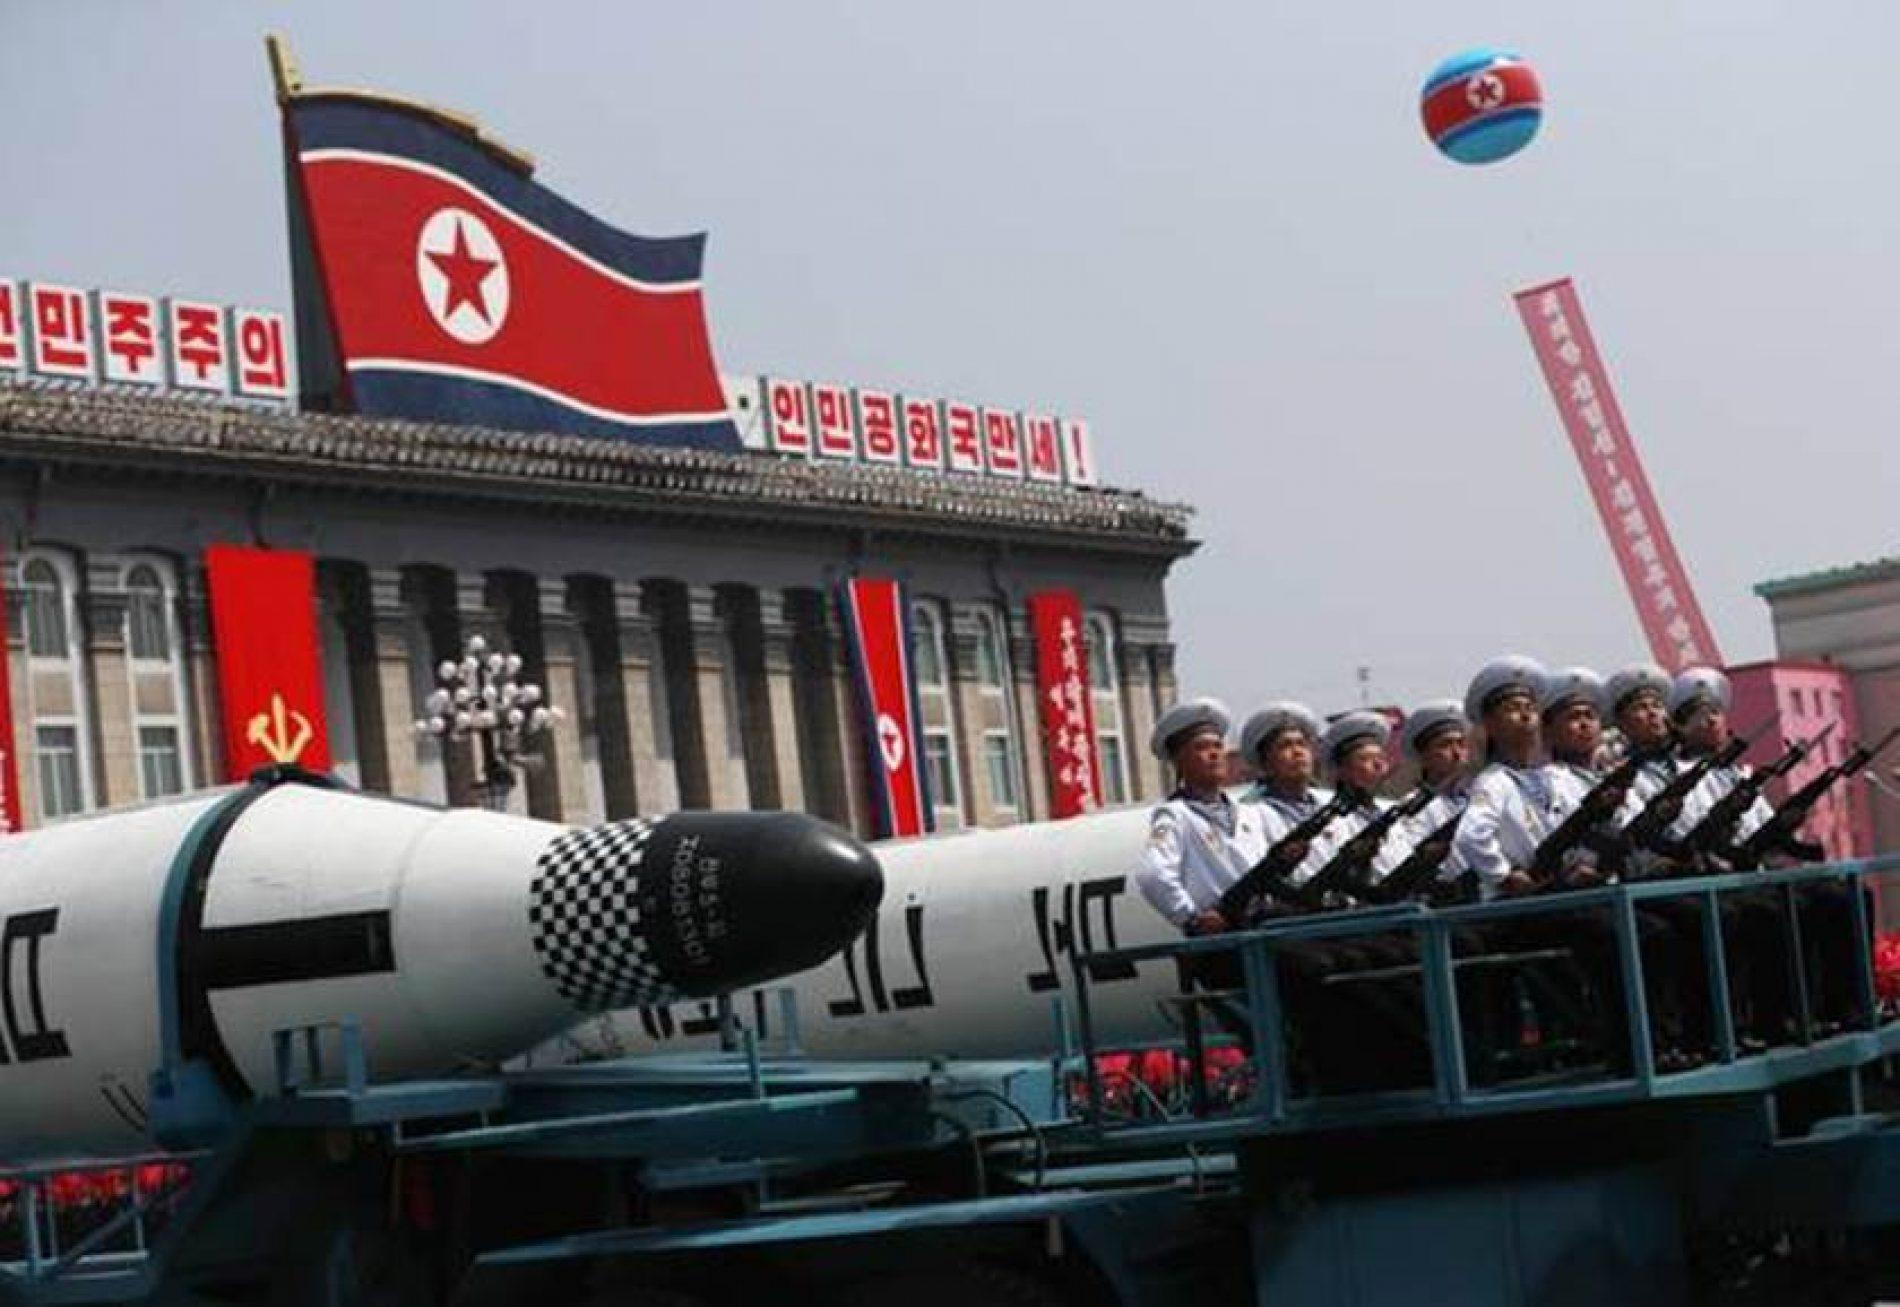 Míssil norte-coreano poderia atingir EUA, afirma Rússia